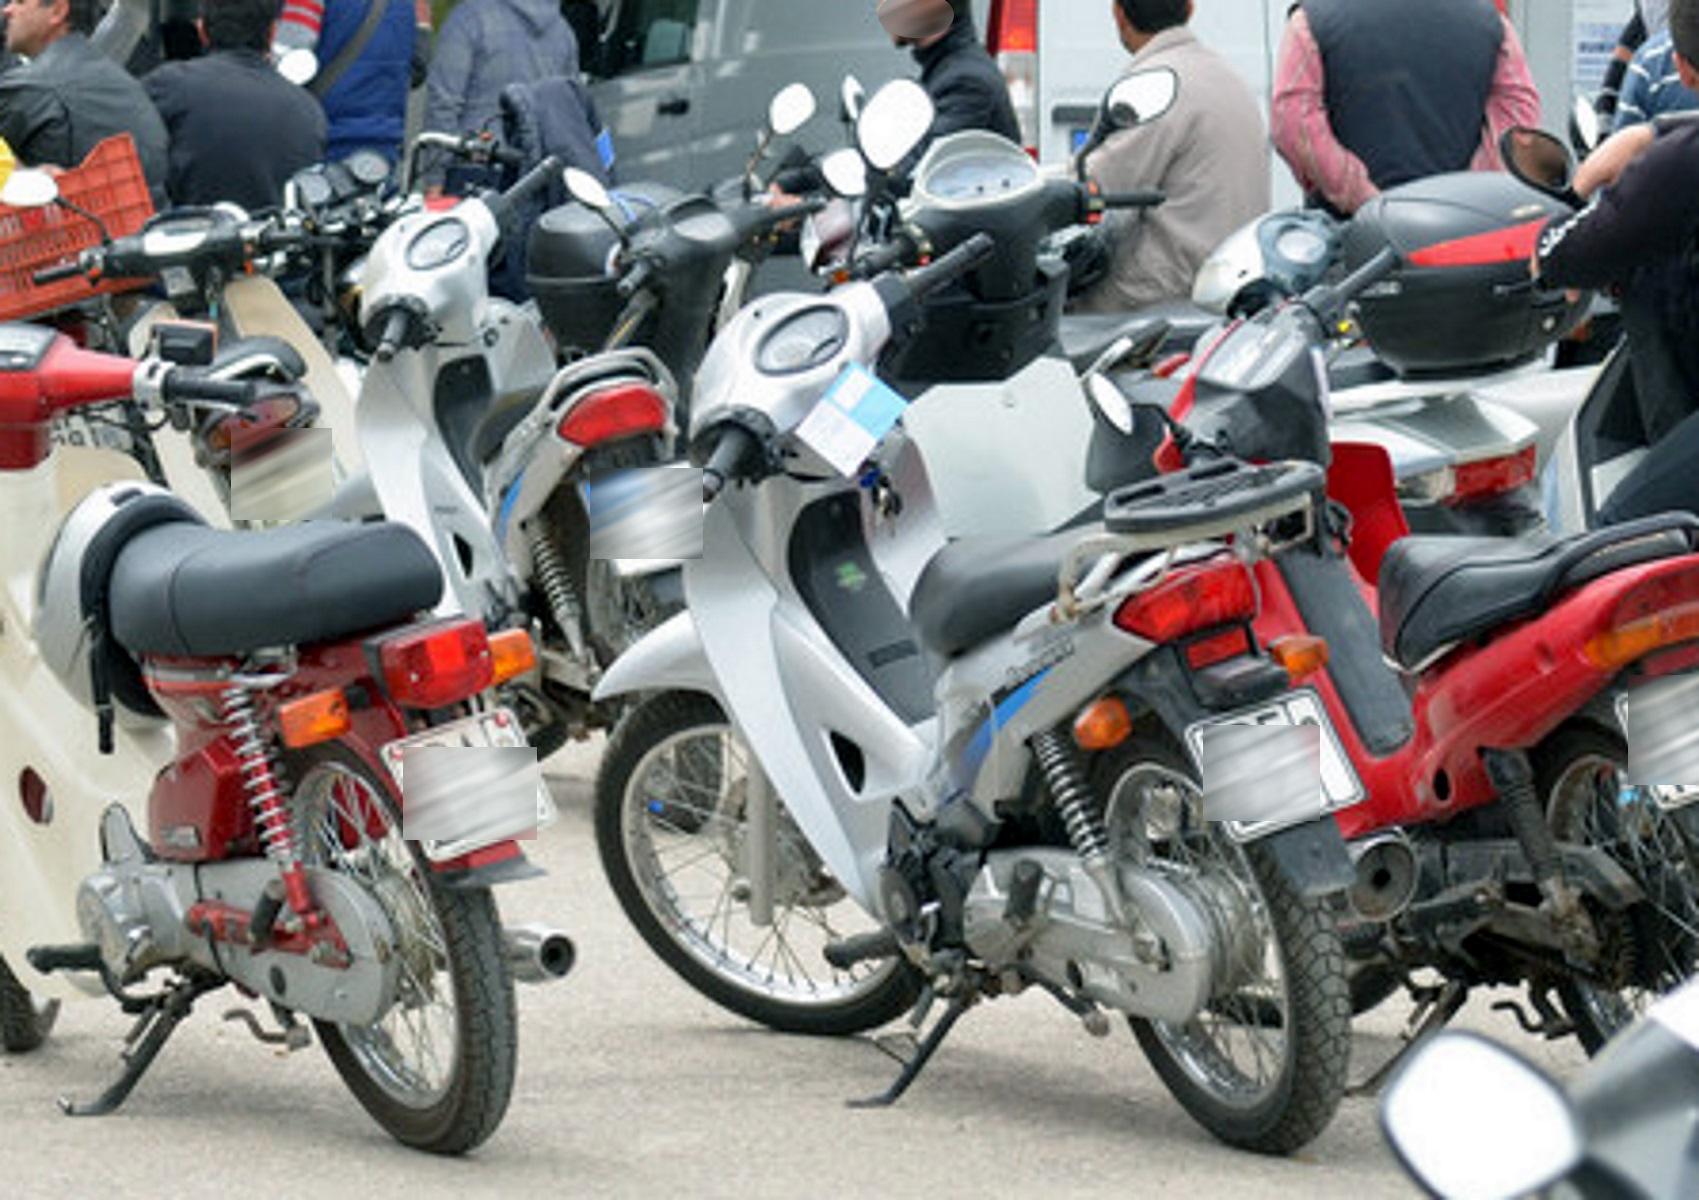 Υπουργείο Μεταφορών: Γράψτε λάθος για τα διπλώματα οδήγησης